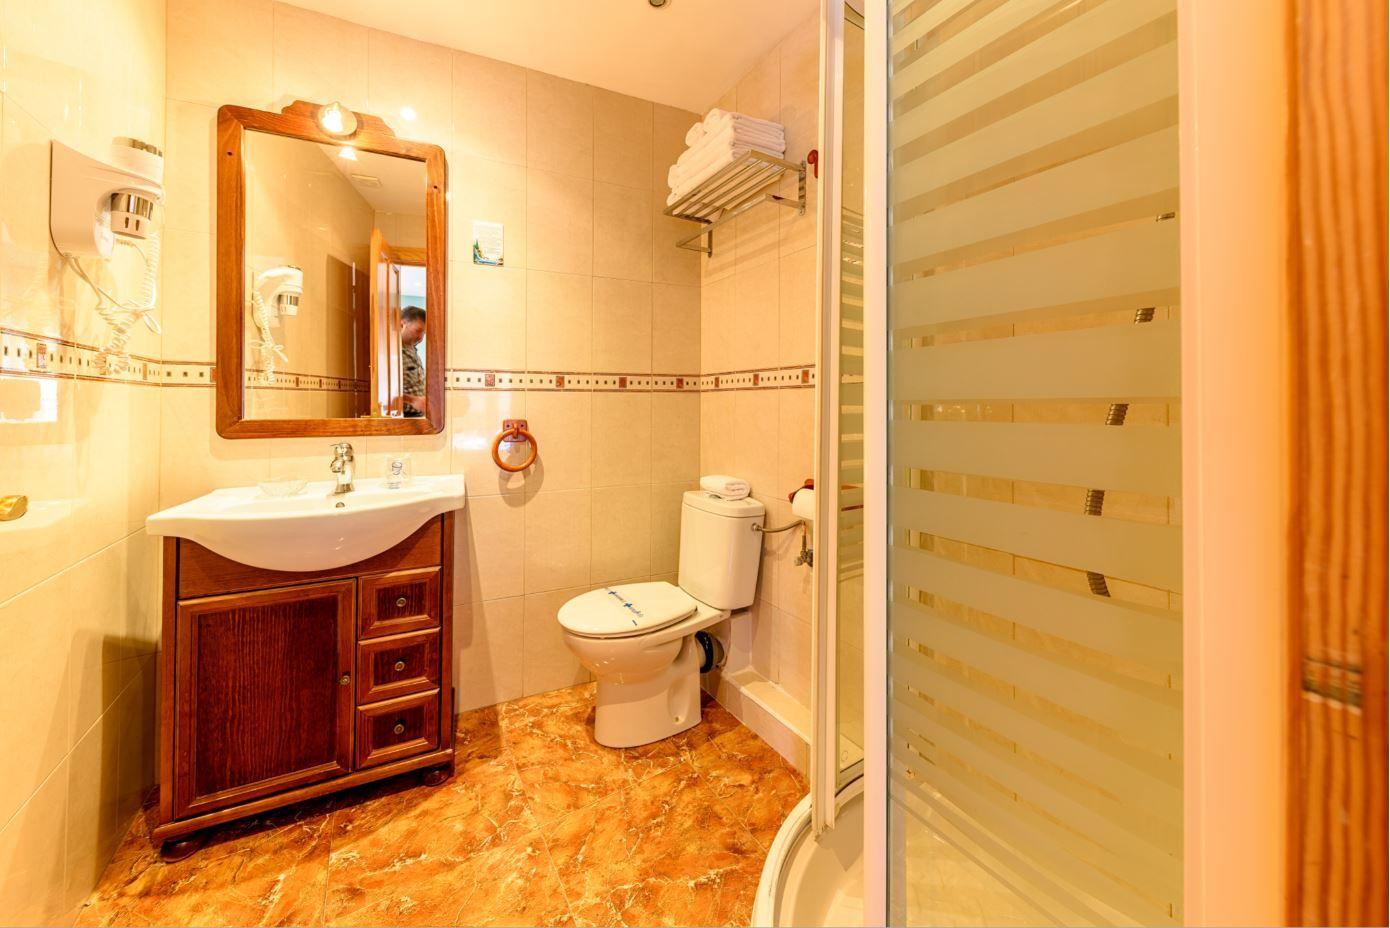 Baño Habitación Cuadruple en hotel Castro Urdiales cocina